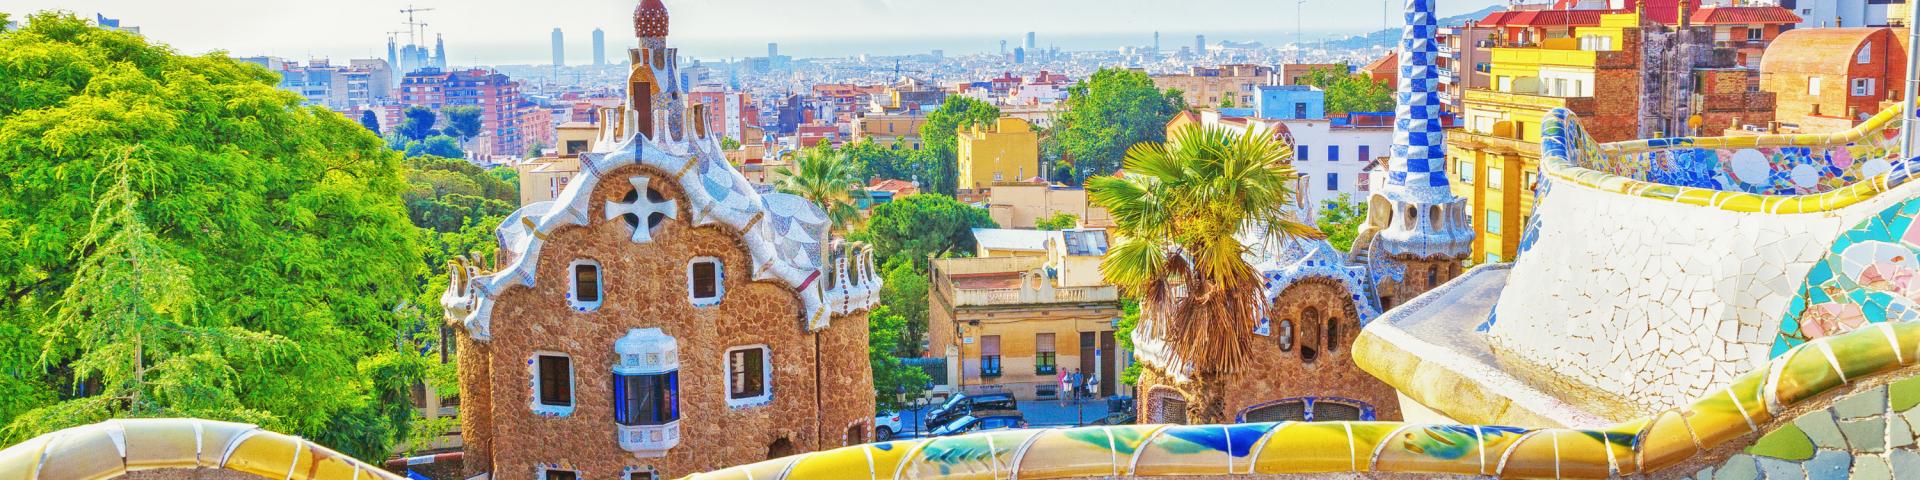 Städtetrip und Strandurlaub vereint in Barcelona!